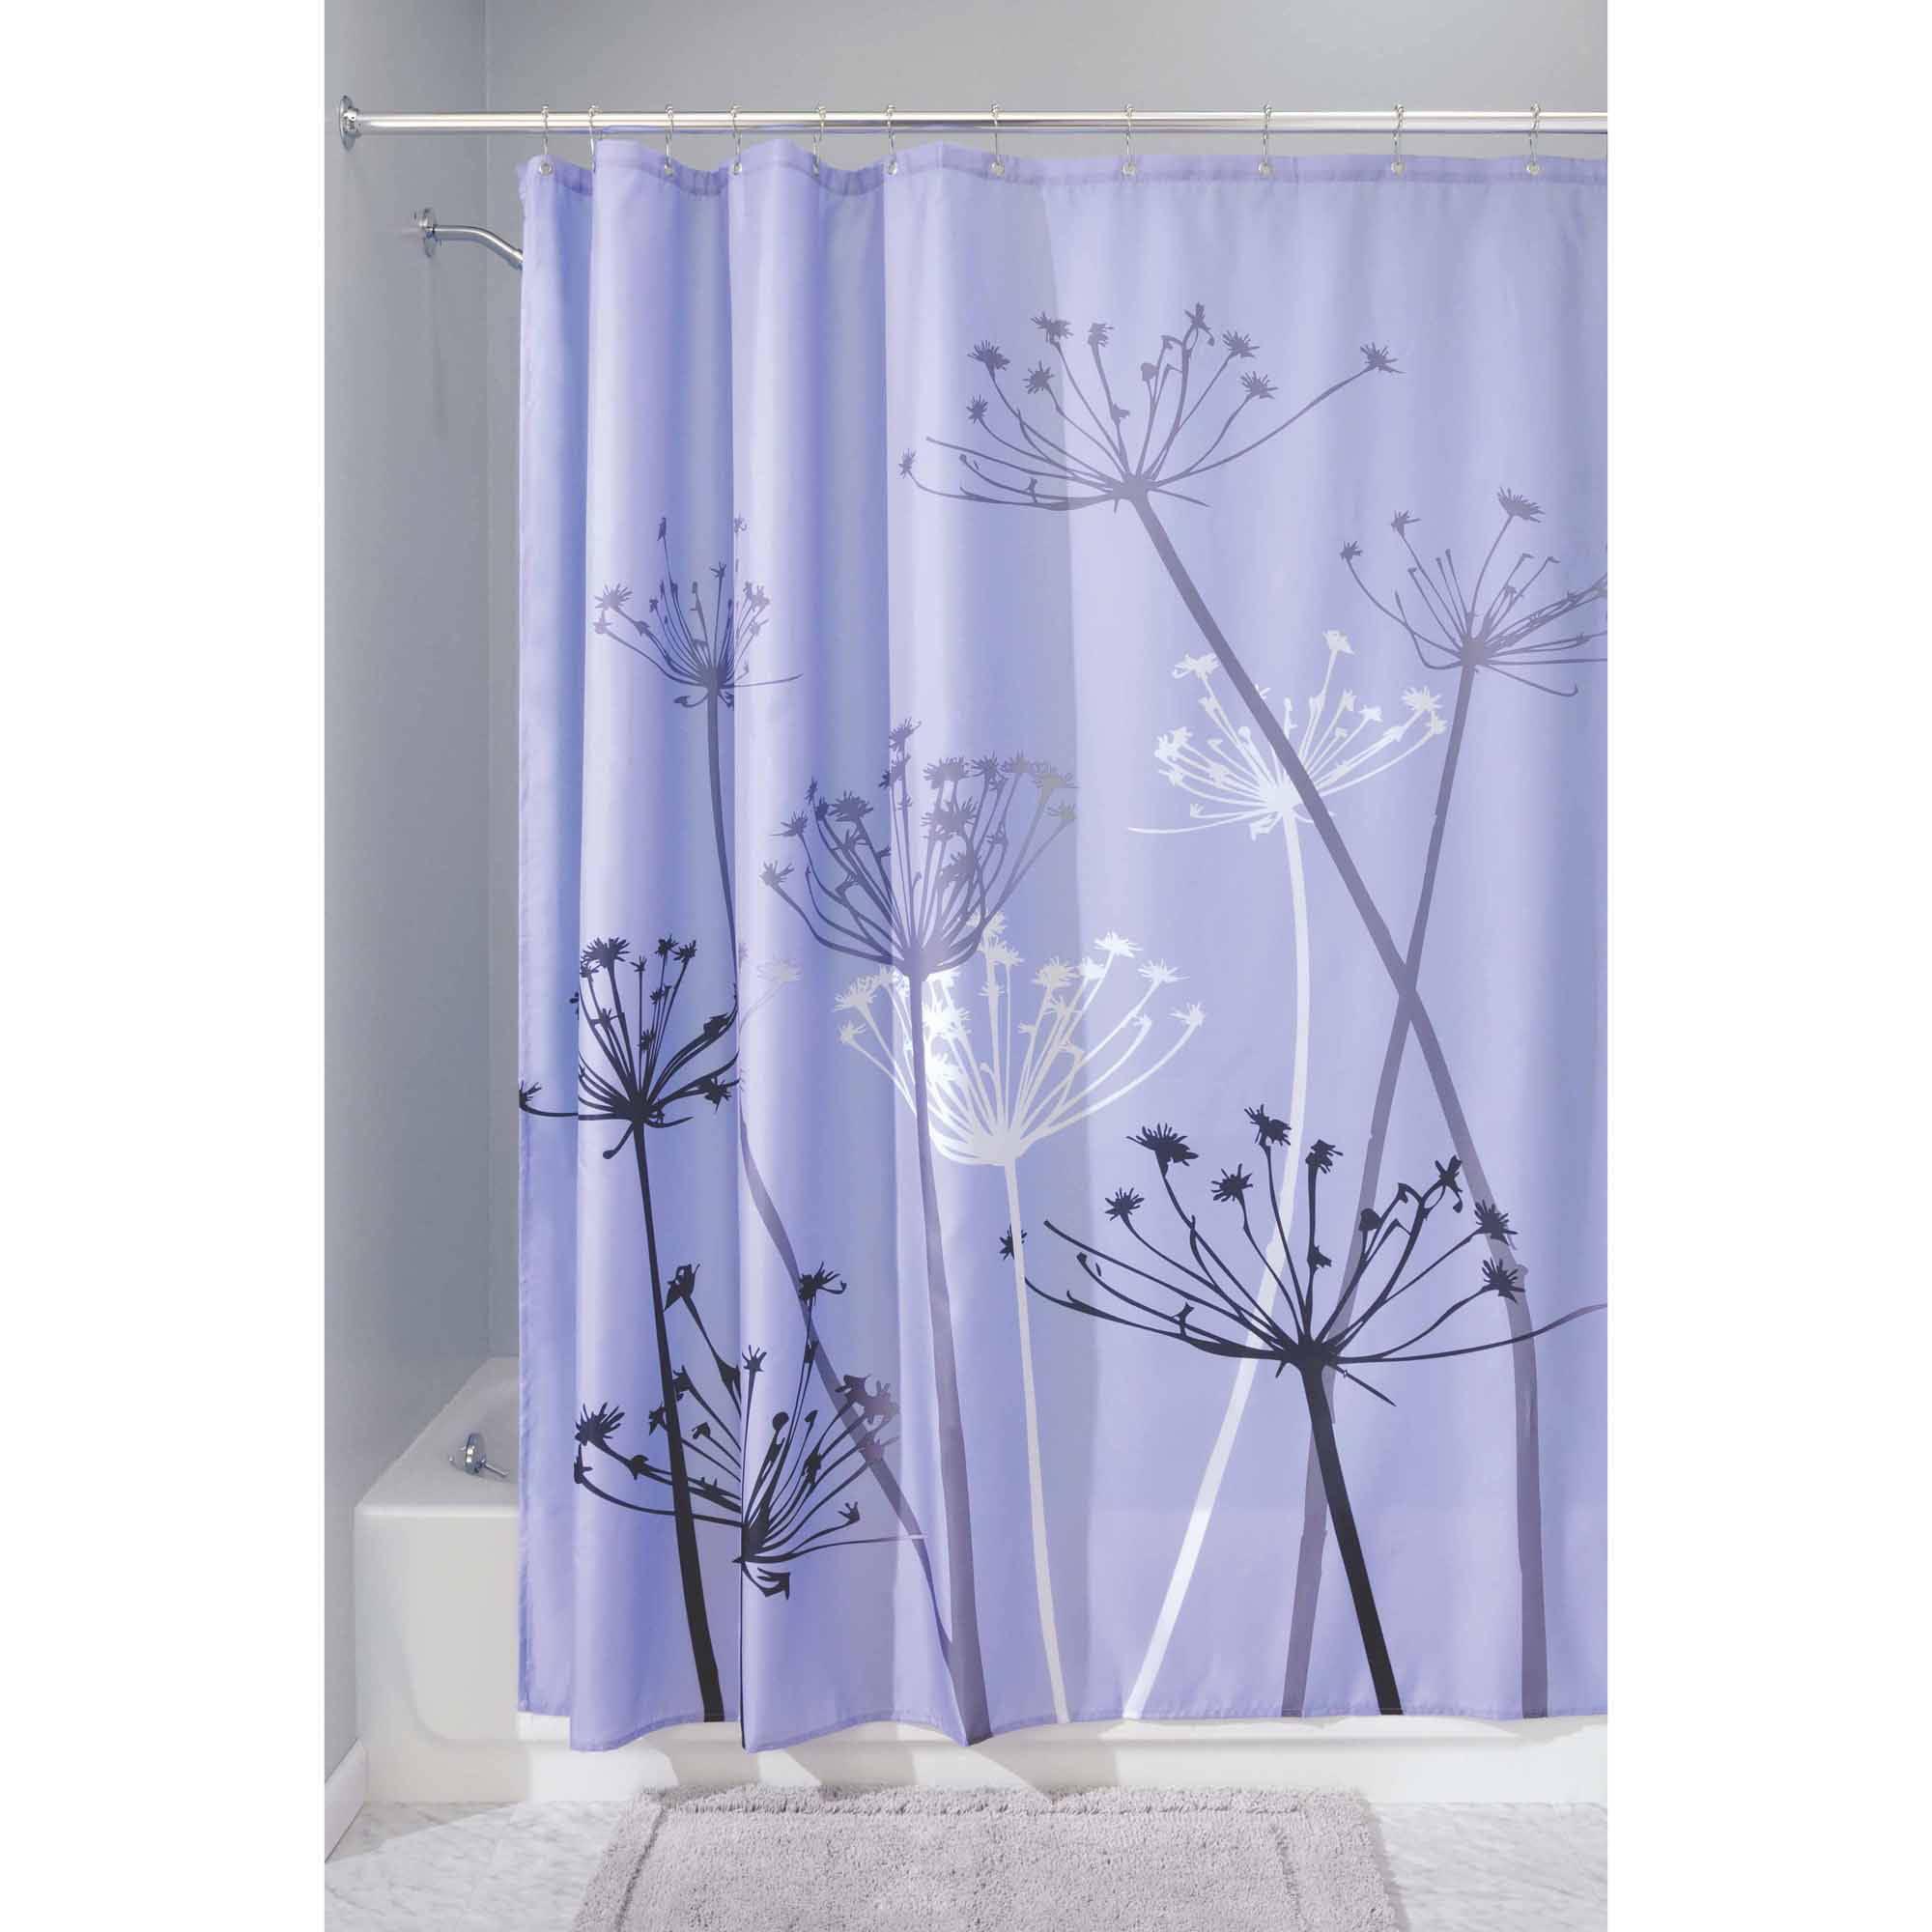 InterDesign Thistle Shower Curtain